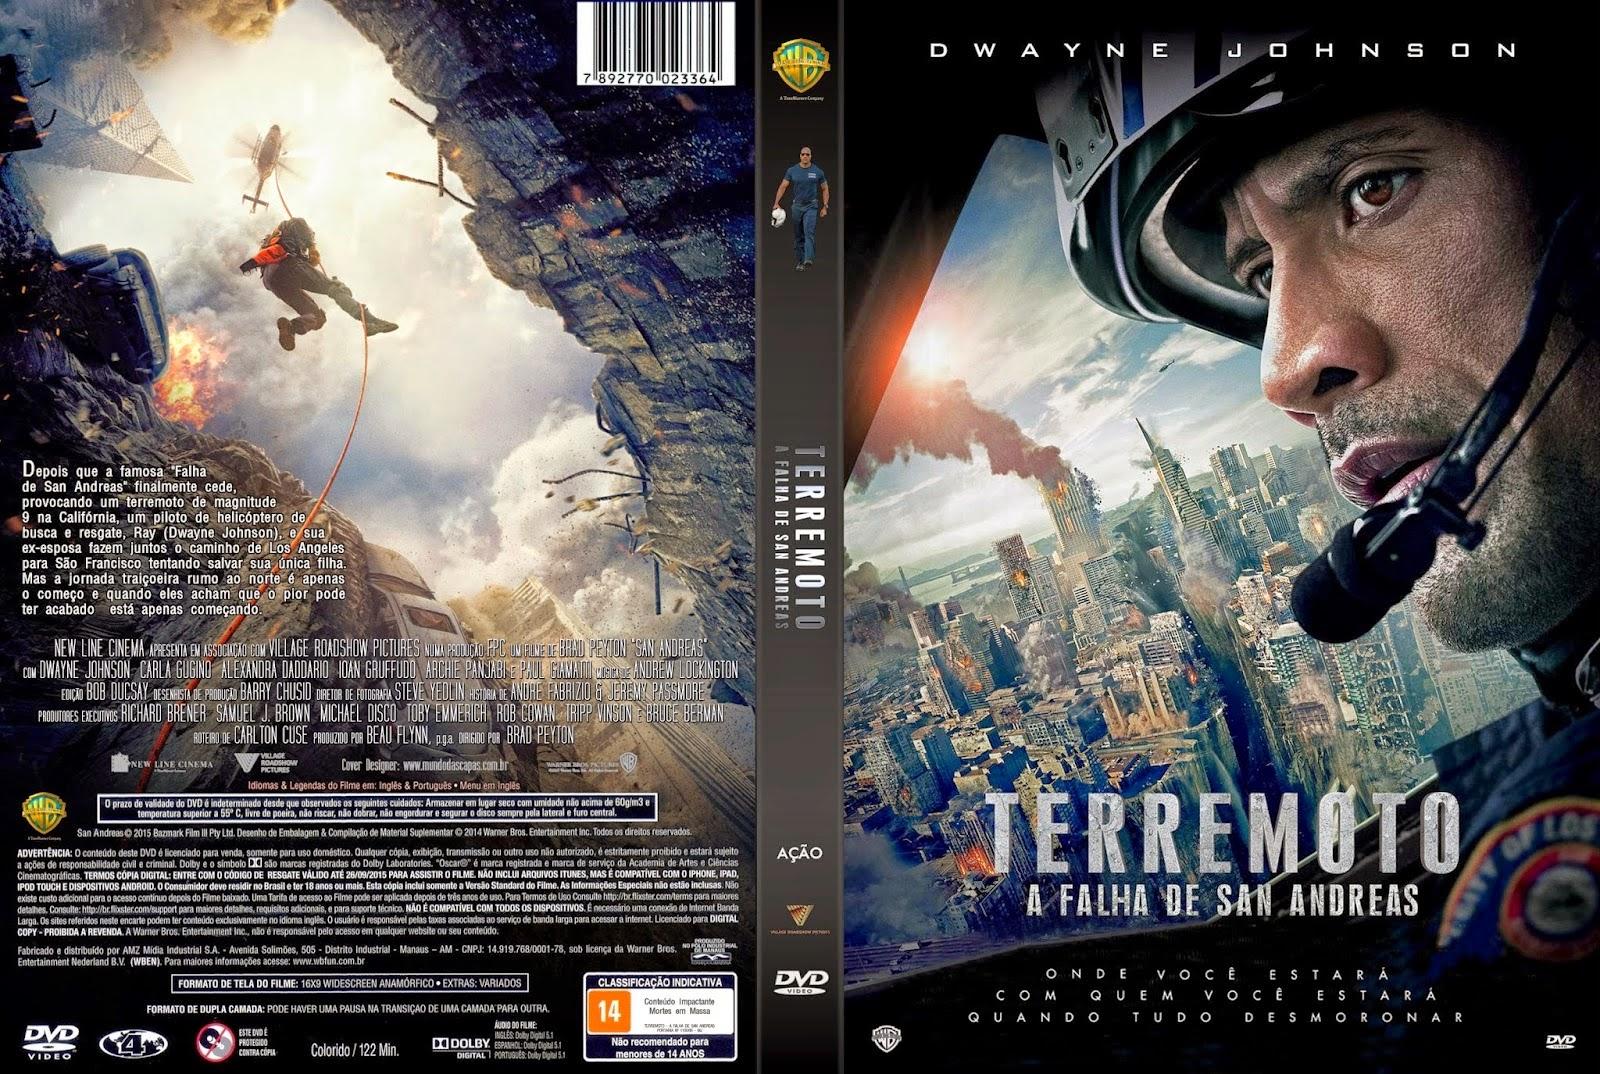 Download Terremoto A Falha de San Andreas BDRip XviD Dual Áudio Terremoto 2BA 2BFalha 2BDe 2BSan 2BAndreas